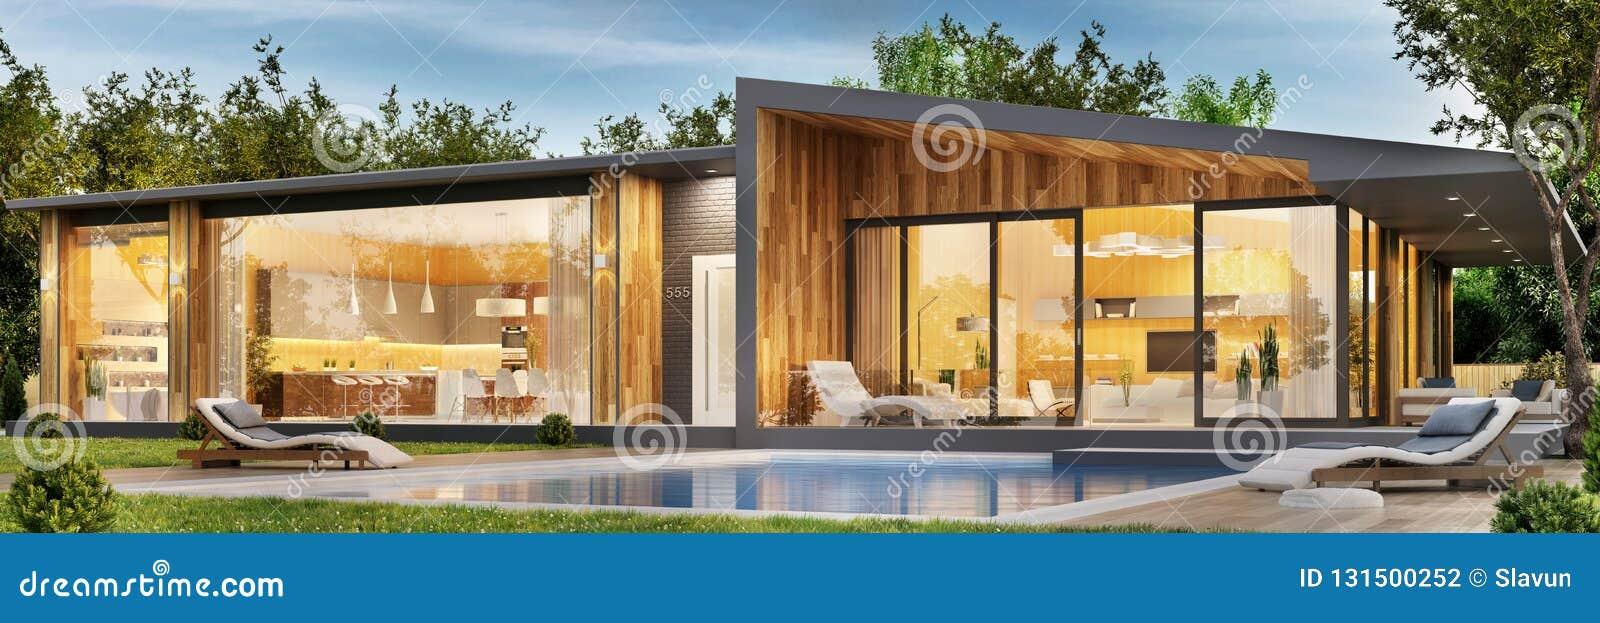 Conception extérieure et intérieure d une maison moderne avec une piscine